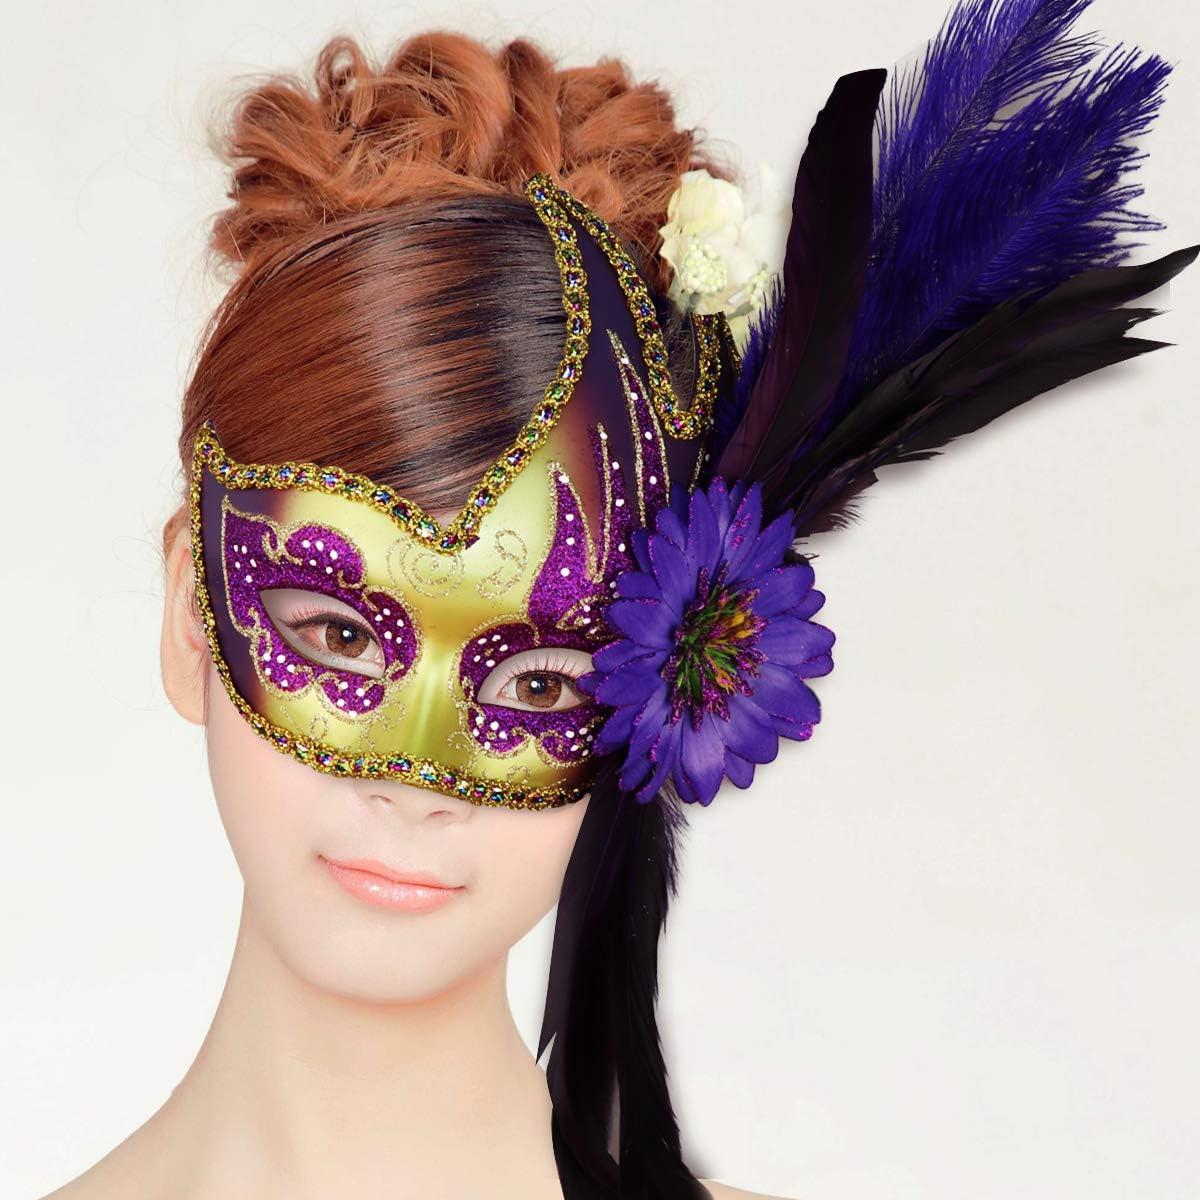 masque de costume de Halloween v/énitien 2 Pack Thmyo Masque de fleur de plume Masque de bal Masque de f/ête rose et or